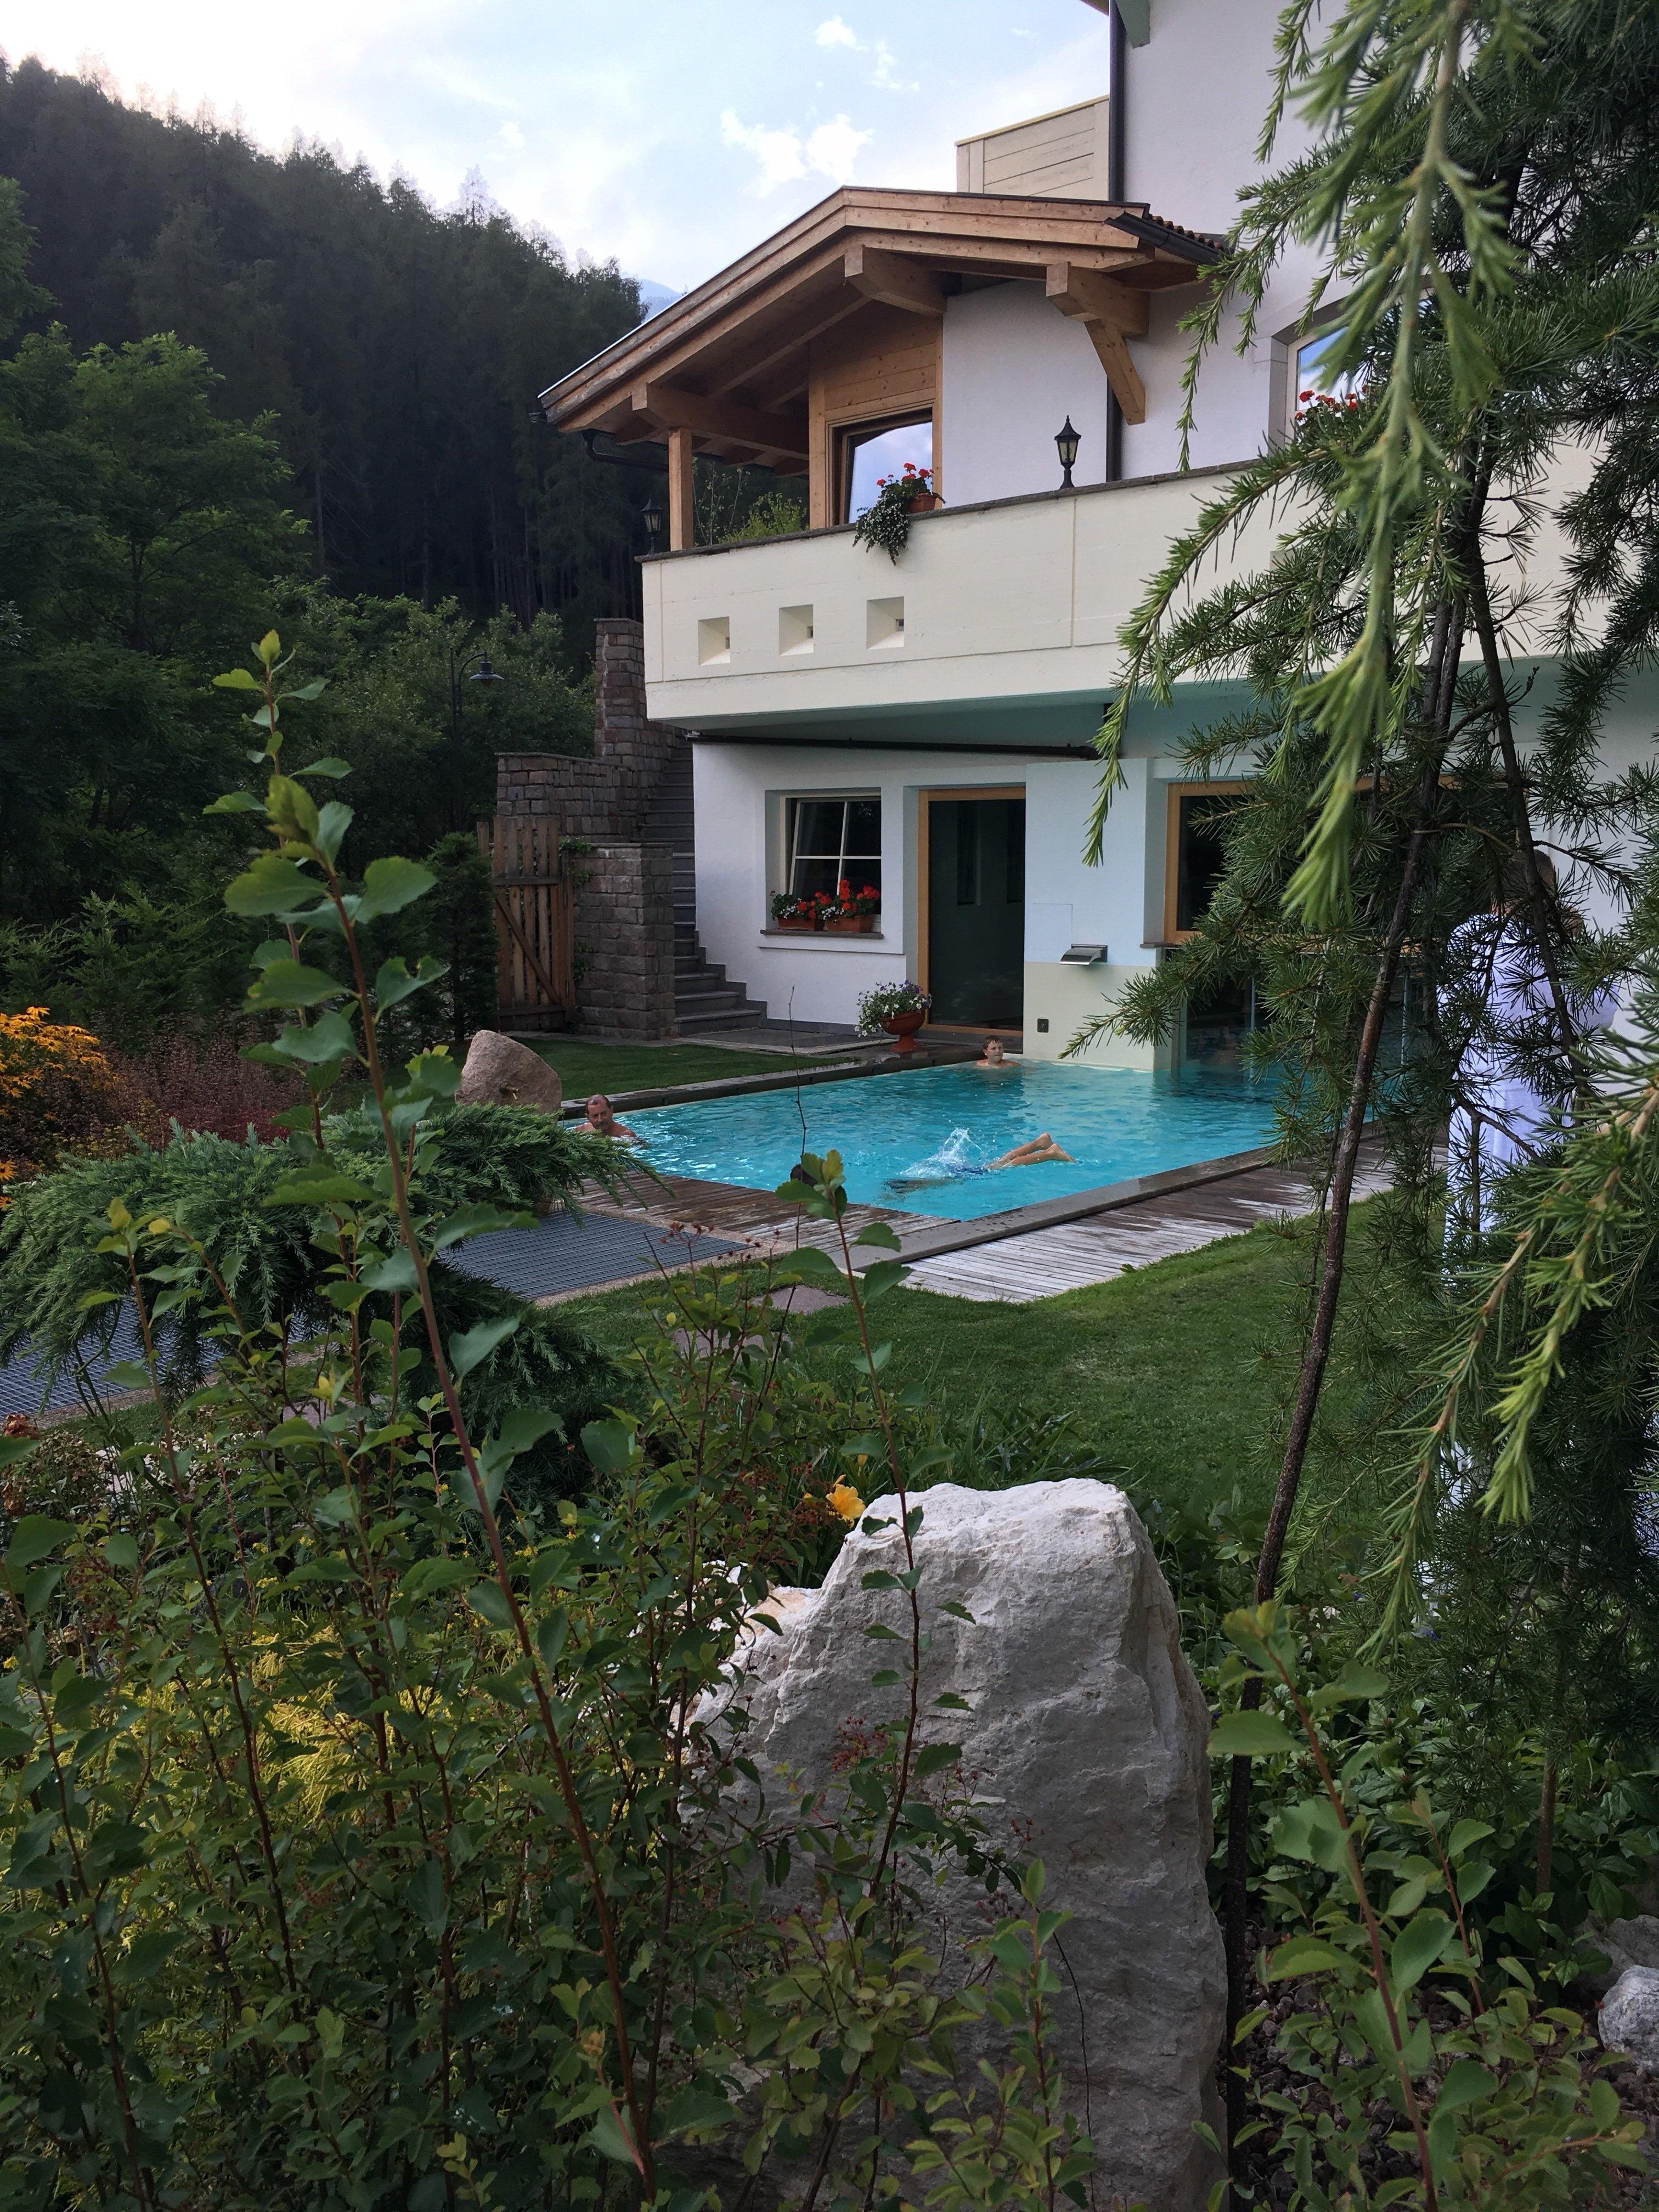 Hotel Erica Tesero - dove il relax è di casa 4